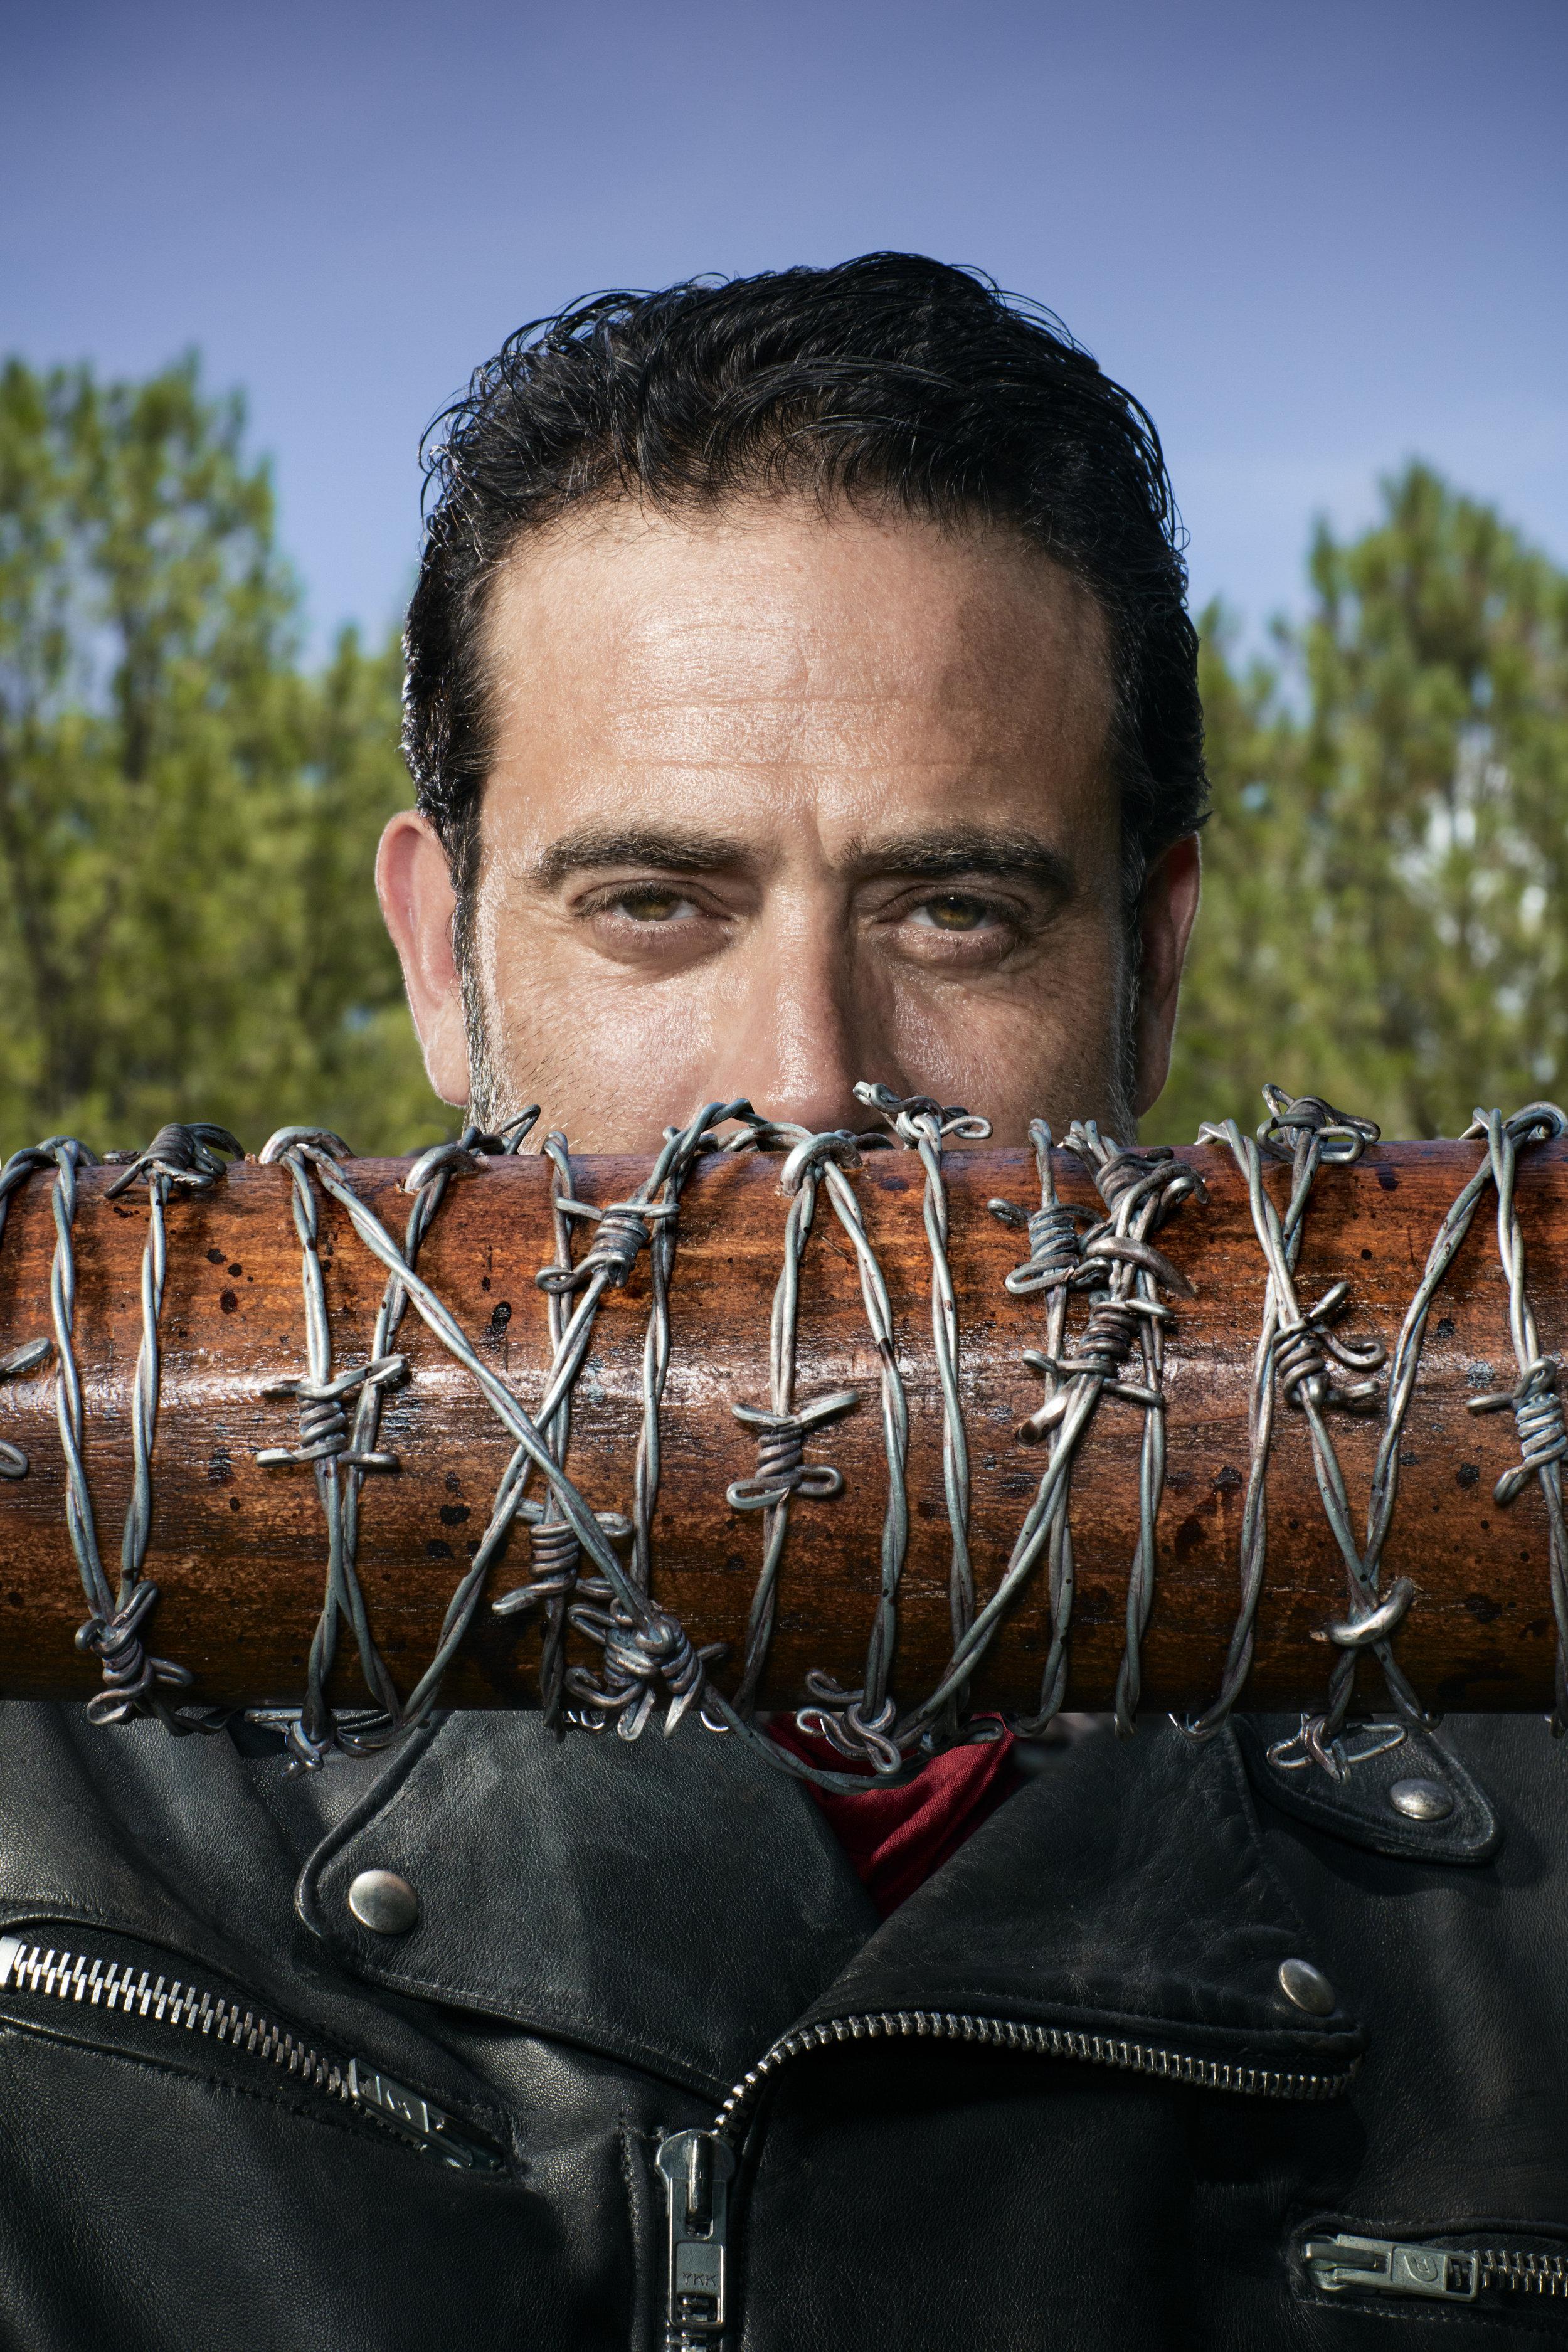 Jeffrey Dean Morgan for Walking Dead